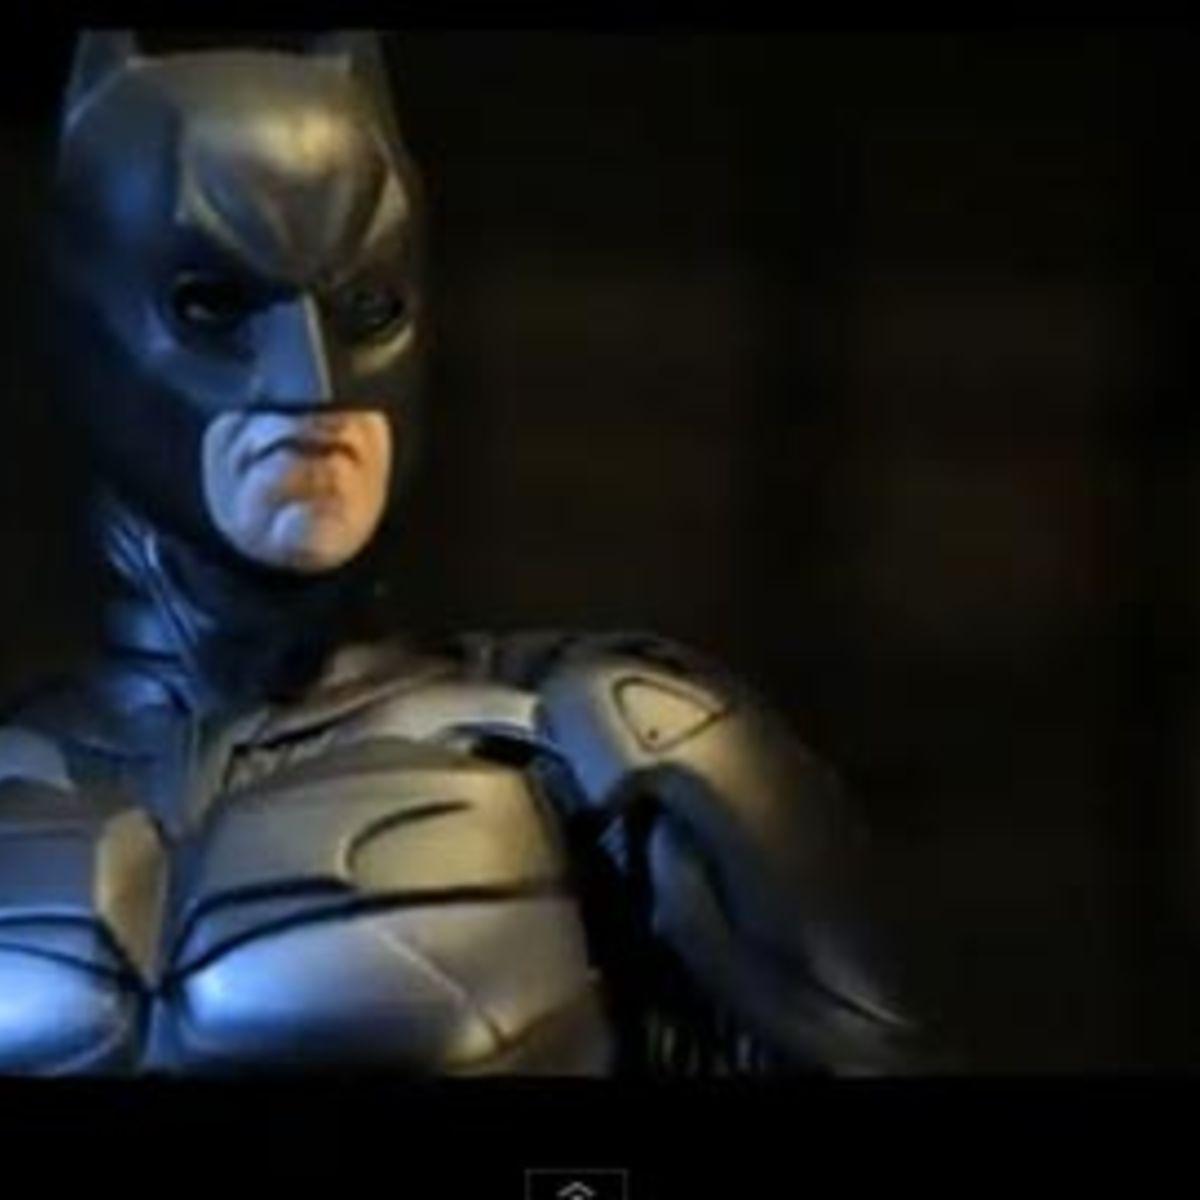 batmanstopmotion.jpg